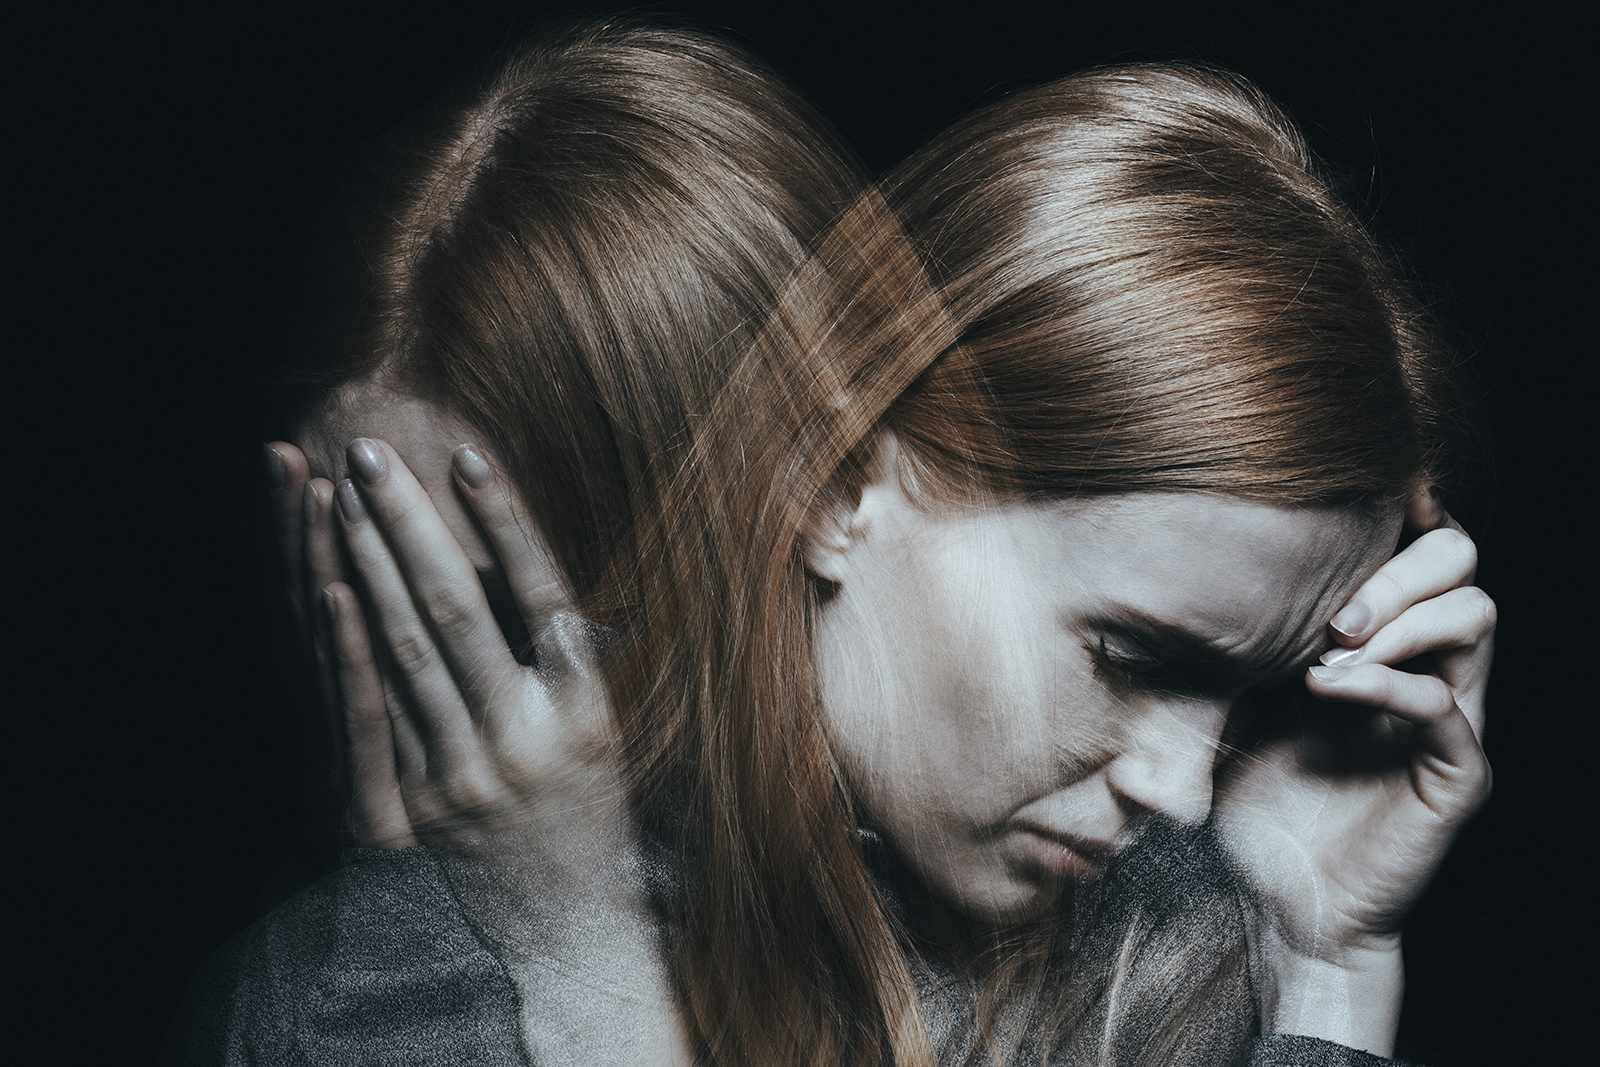 Φόβος, Παράνοια και Αντιμετώπισή τους